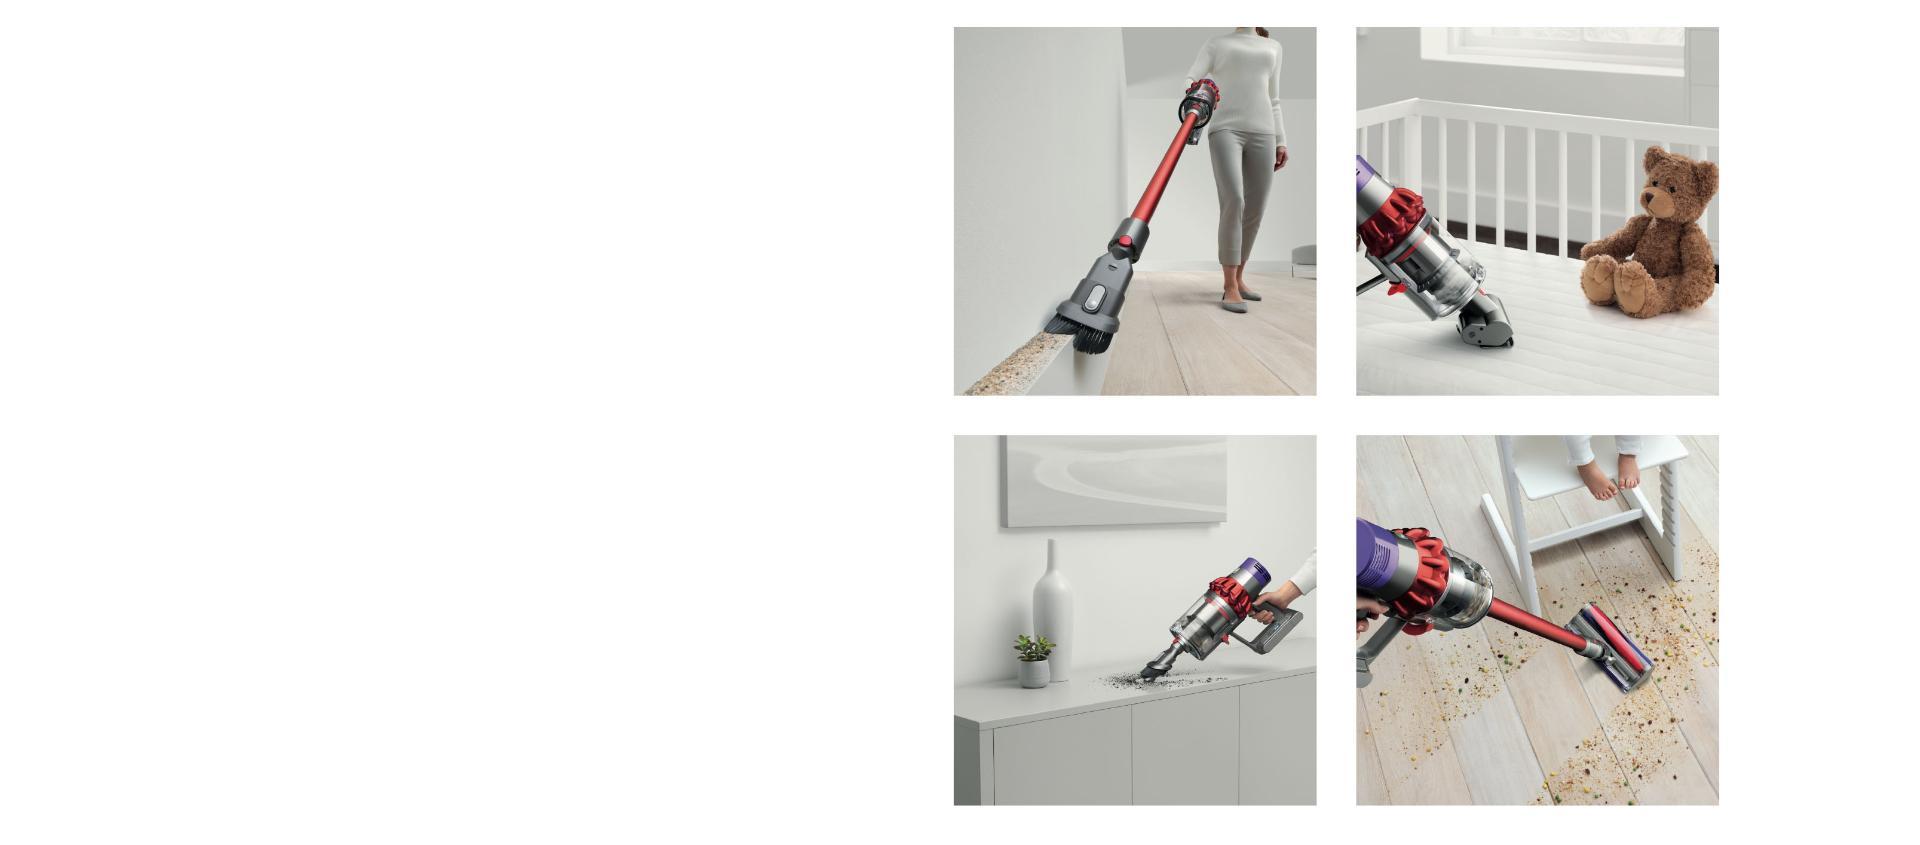 Dyson Cyclone V10™ 吸塵機由直立式轉換成手提吸塵機的動畫